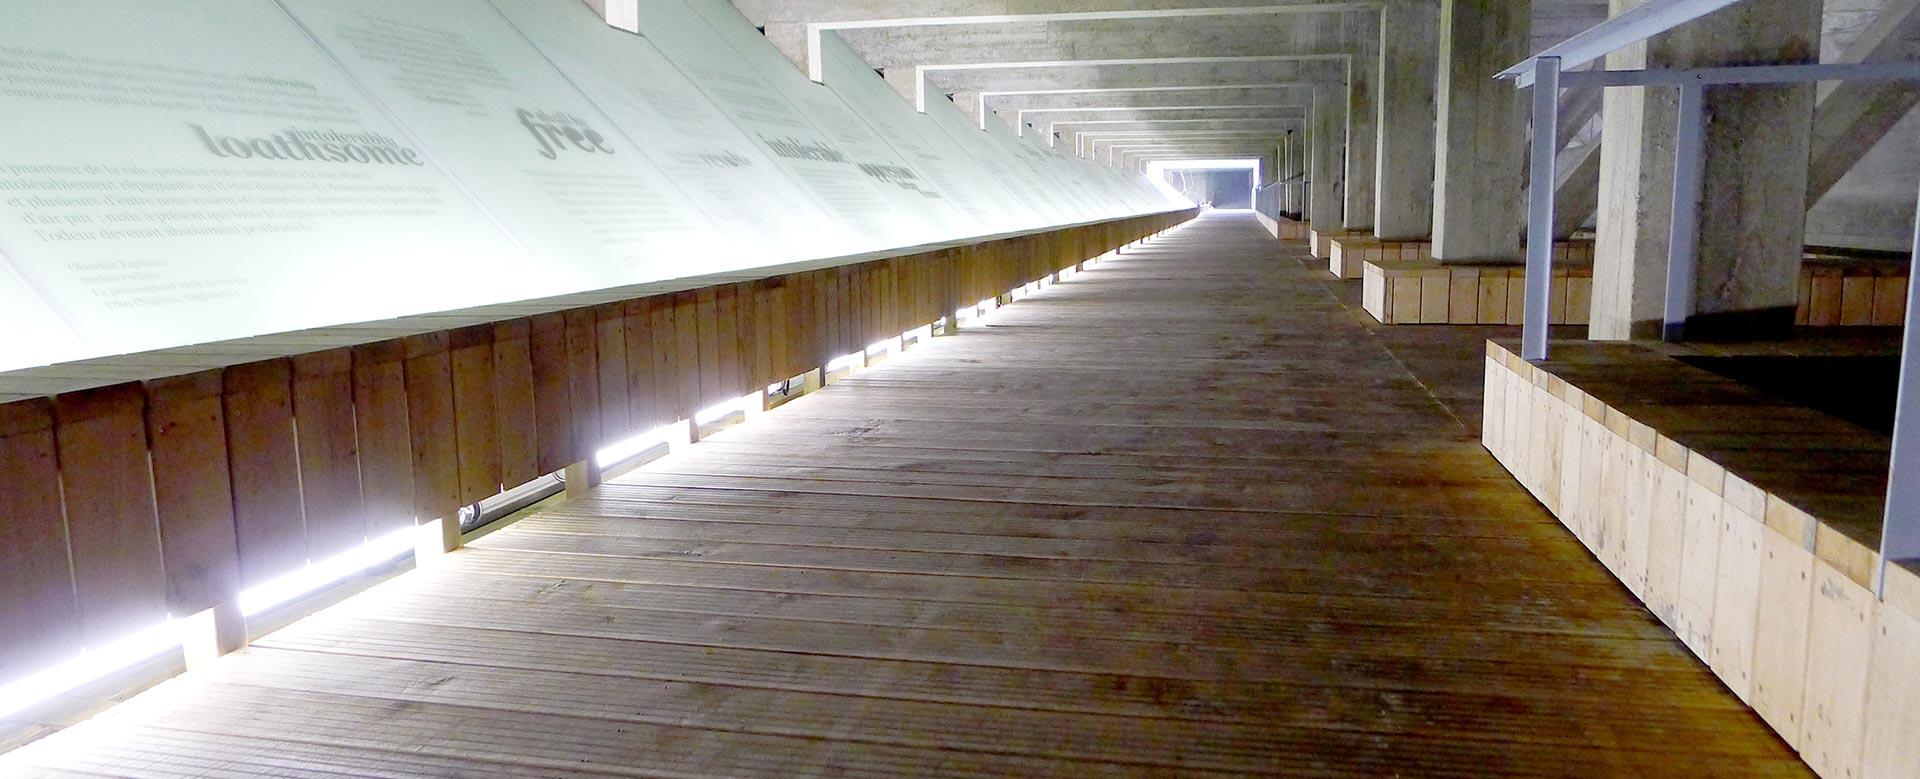 Platelage en bois du MEMORIAL esclavage de nantes